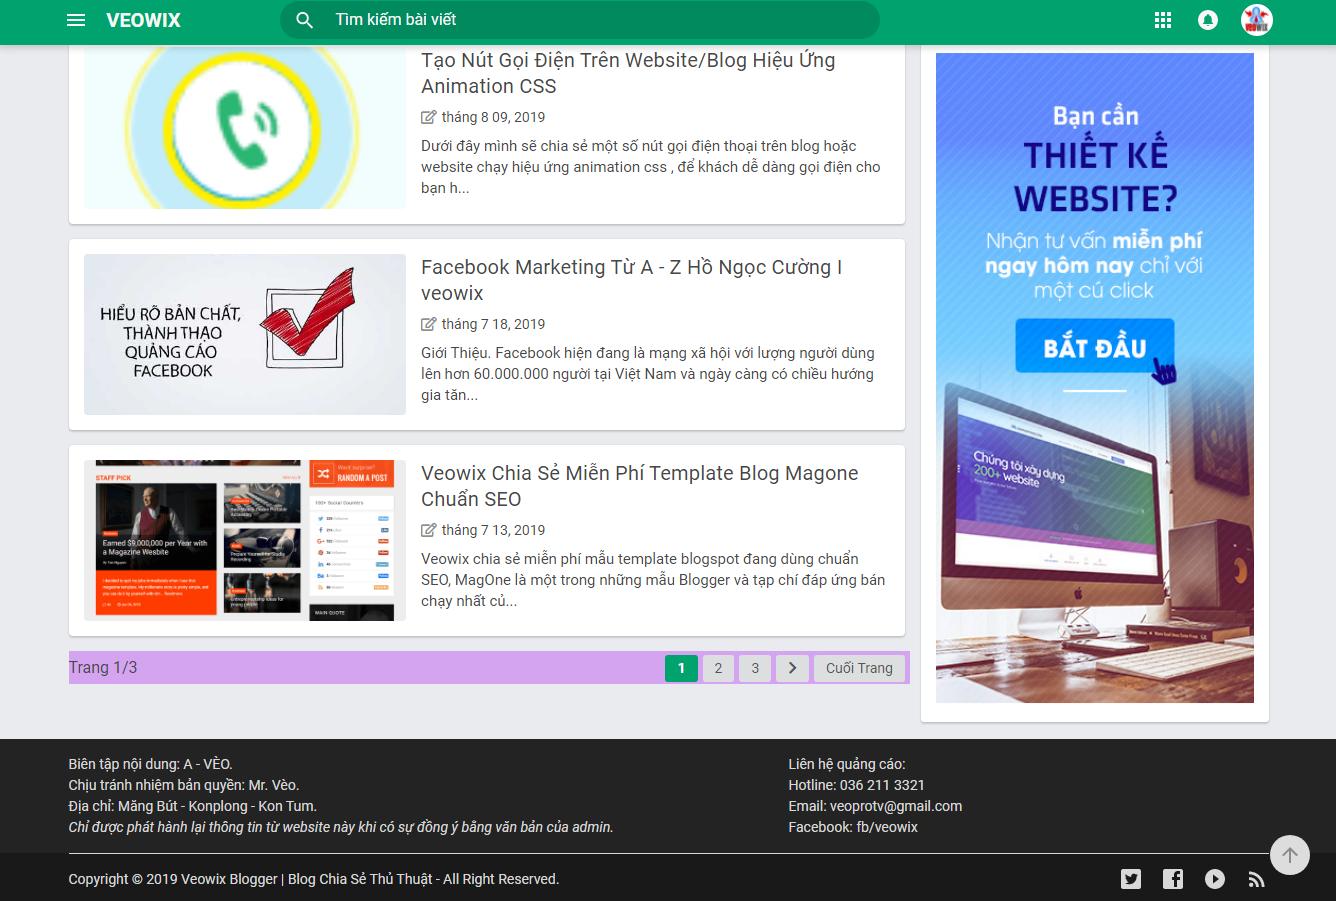 Chia sẻ template blogspot phiên bản gốc miễn phí